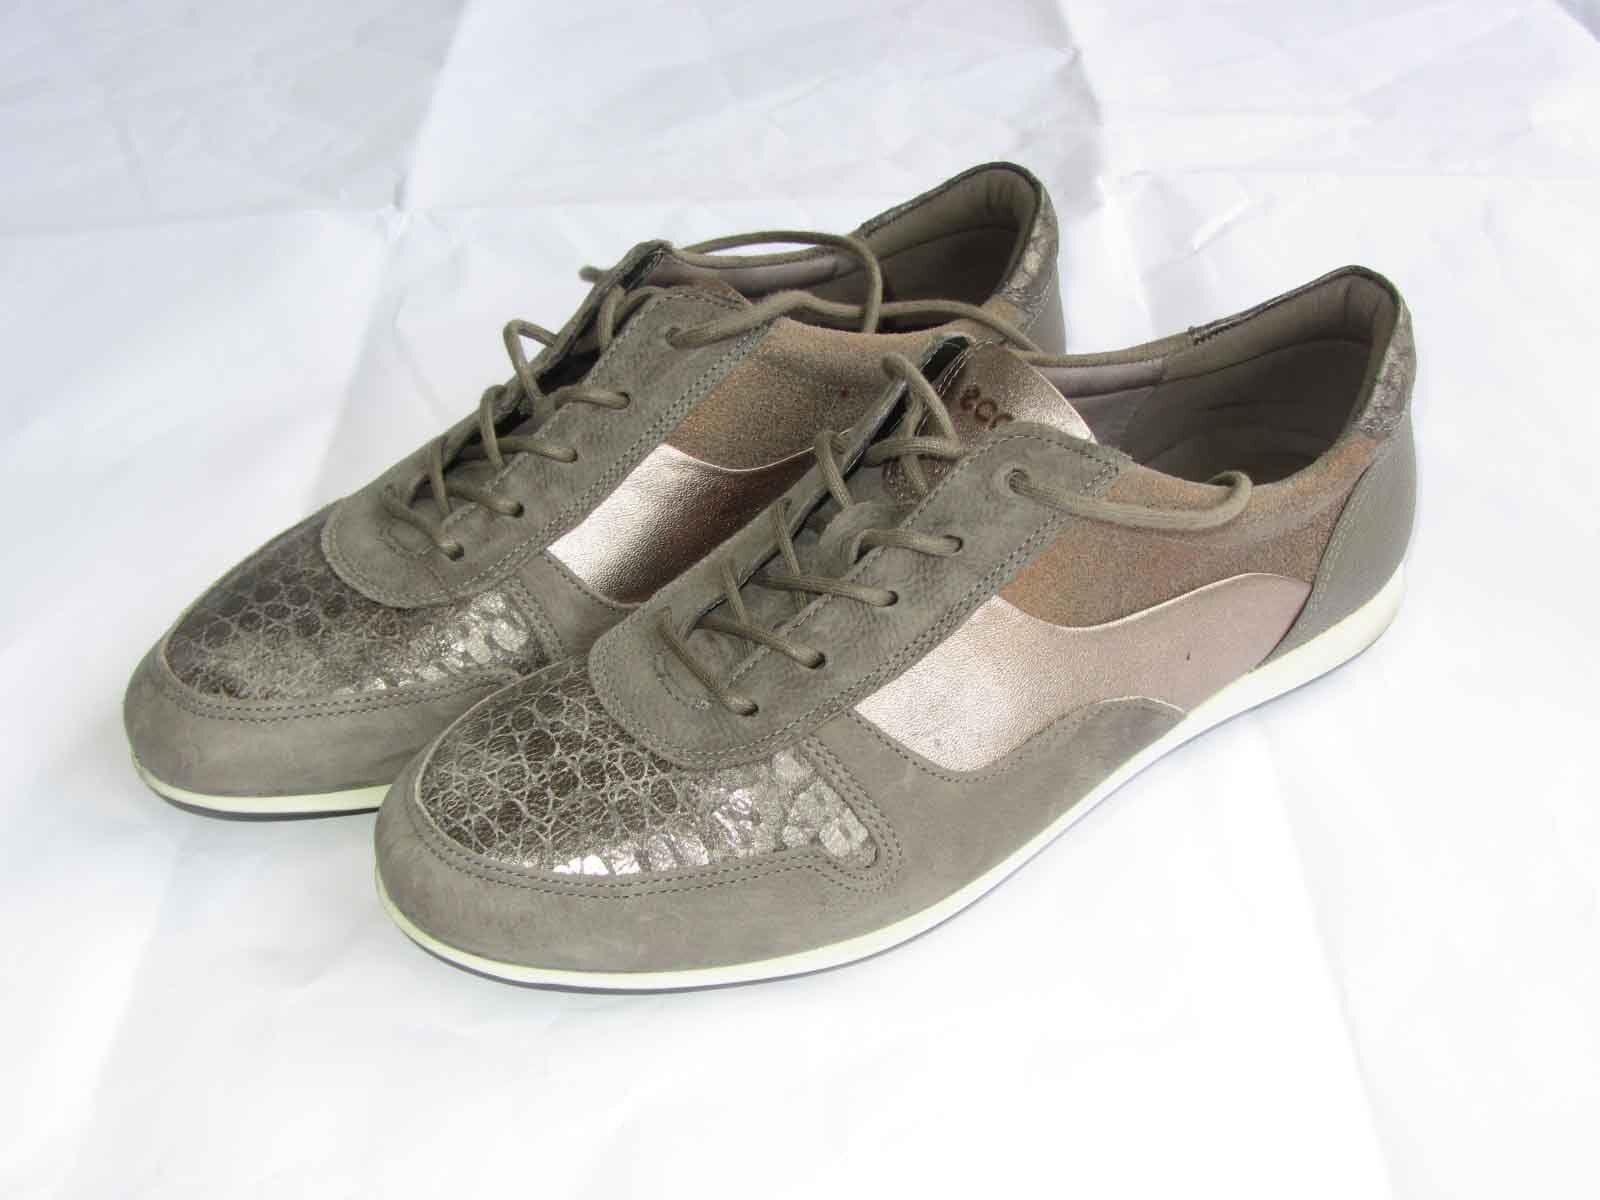 Calzado Ecco Ecco Ecco para mujer Talla 38 Moda Tenis Zapatos gris Cálido Metálico Seminuevo  al precio mas bajo